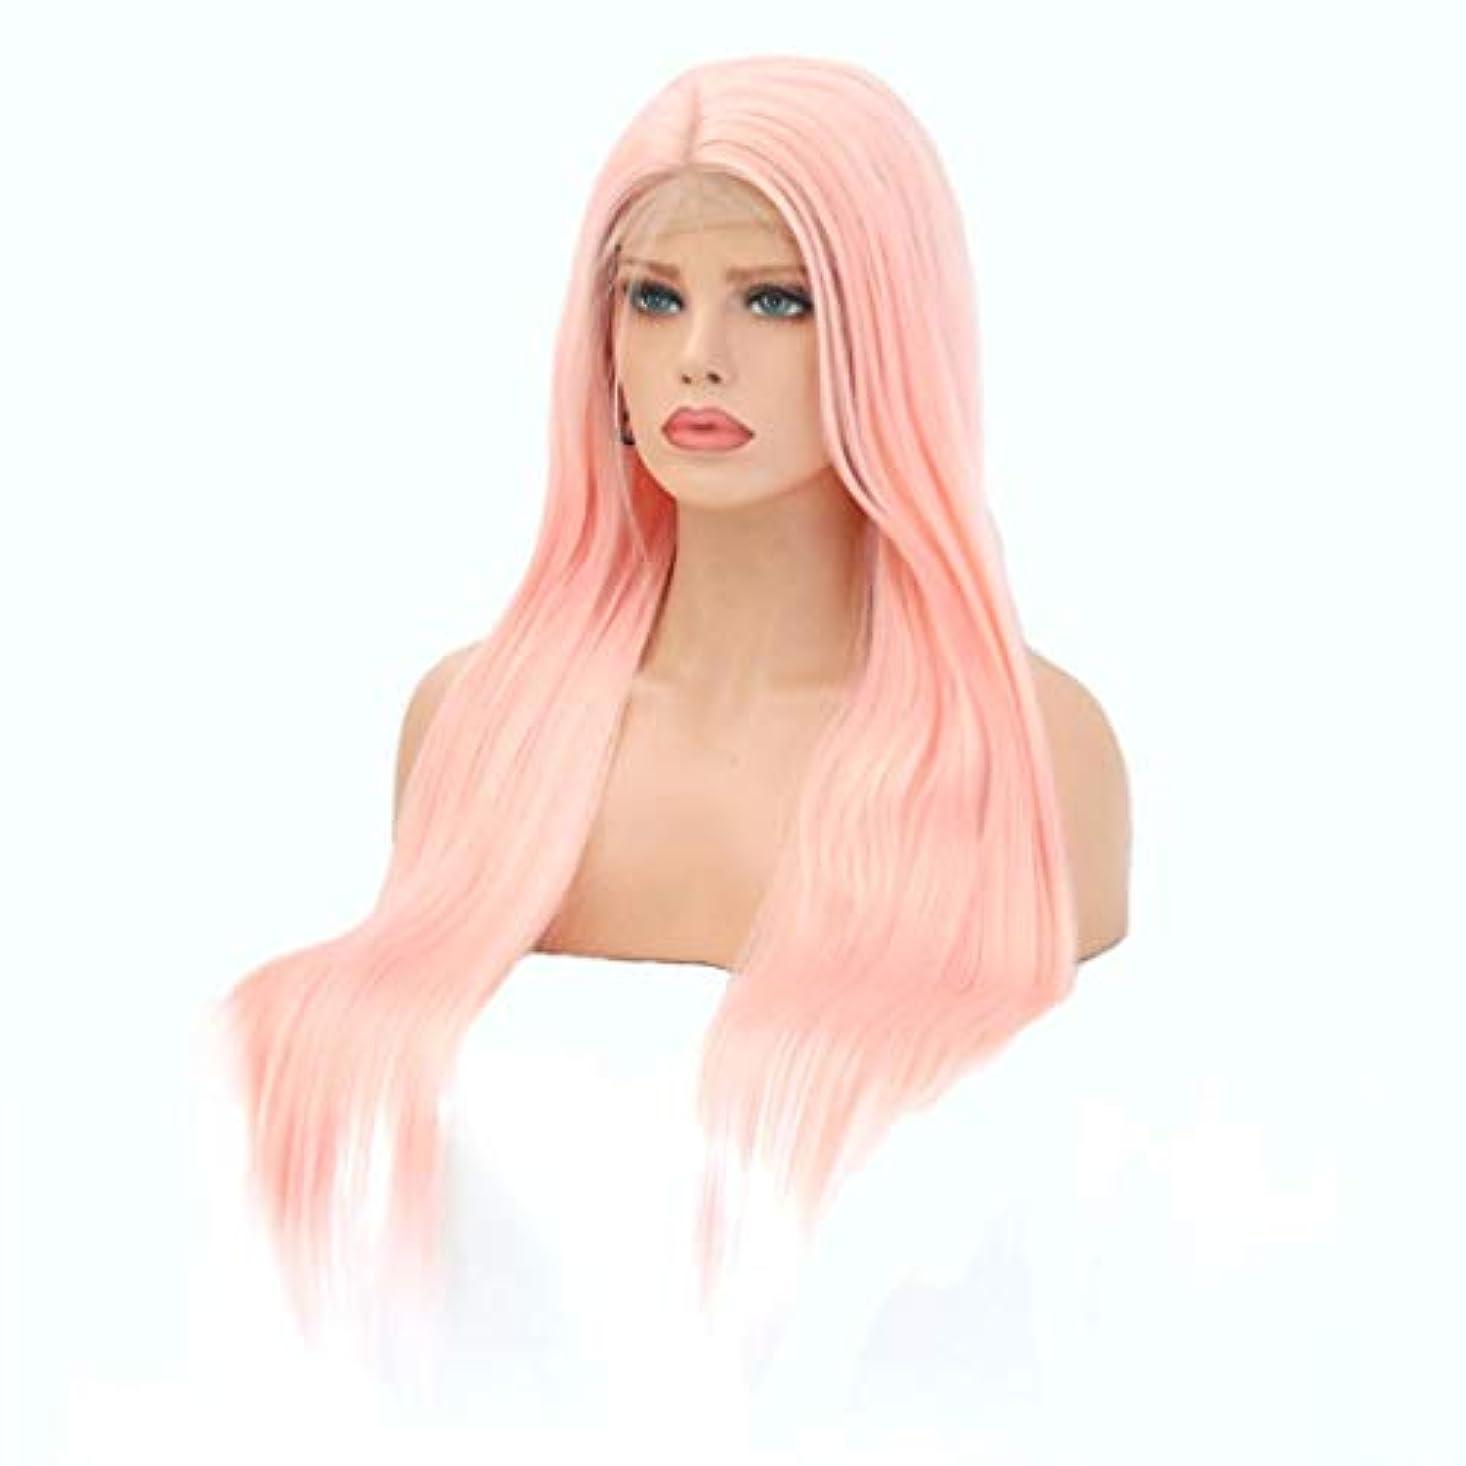 農夫織る地味なKerwinner 女性のためのフロントレースウィッグピンクの長いストレートの髪の化学繊維ウィッグヘッドギア